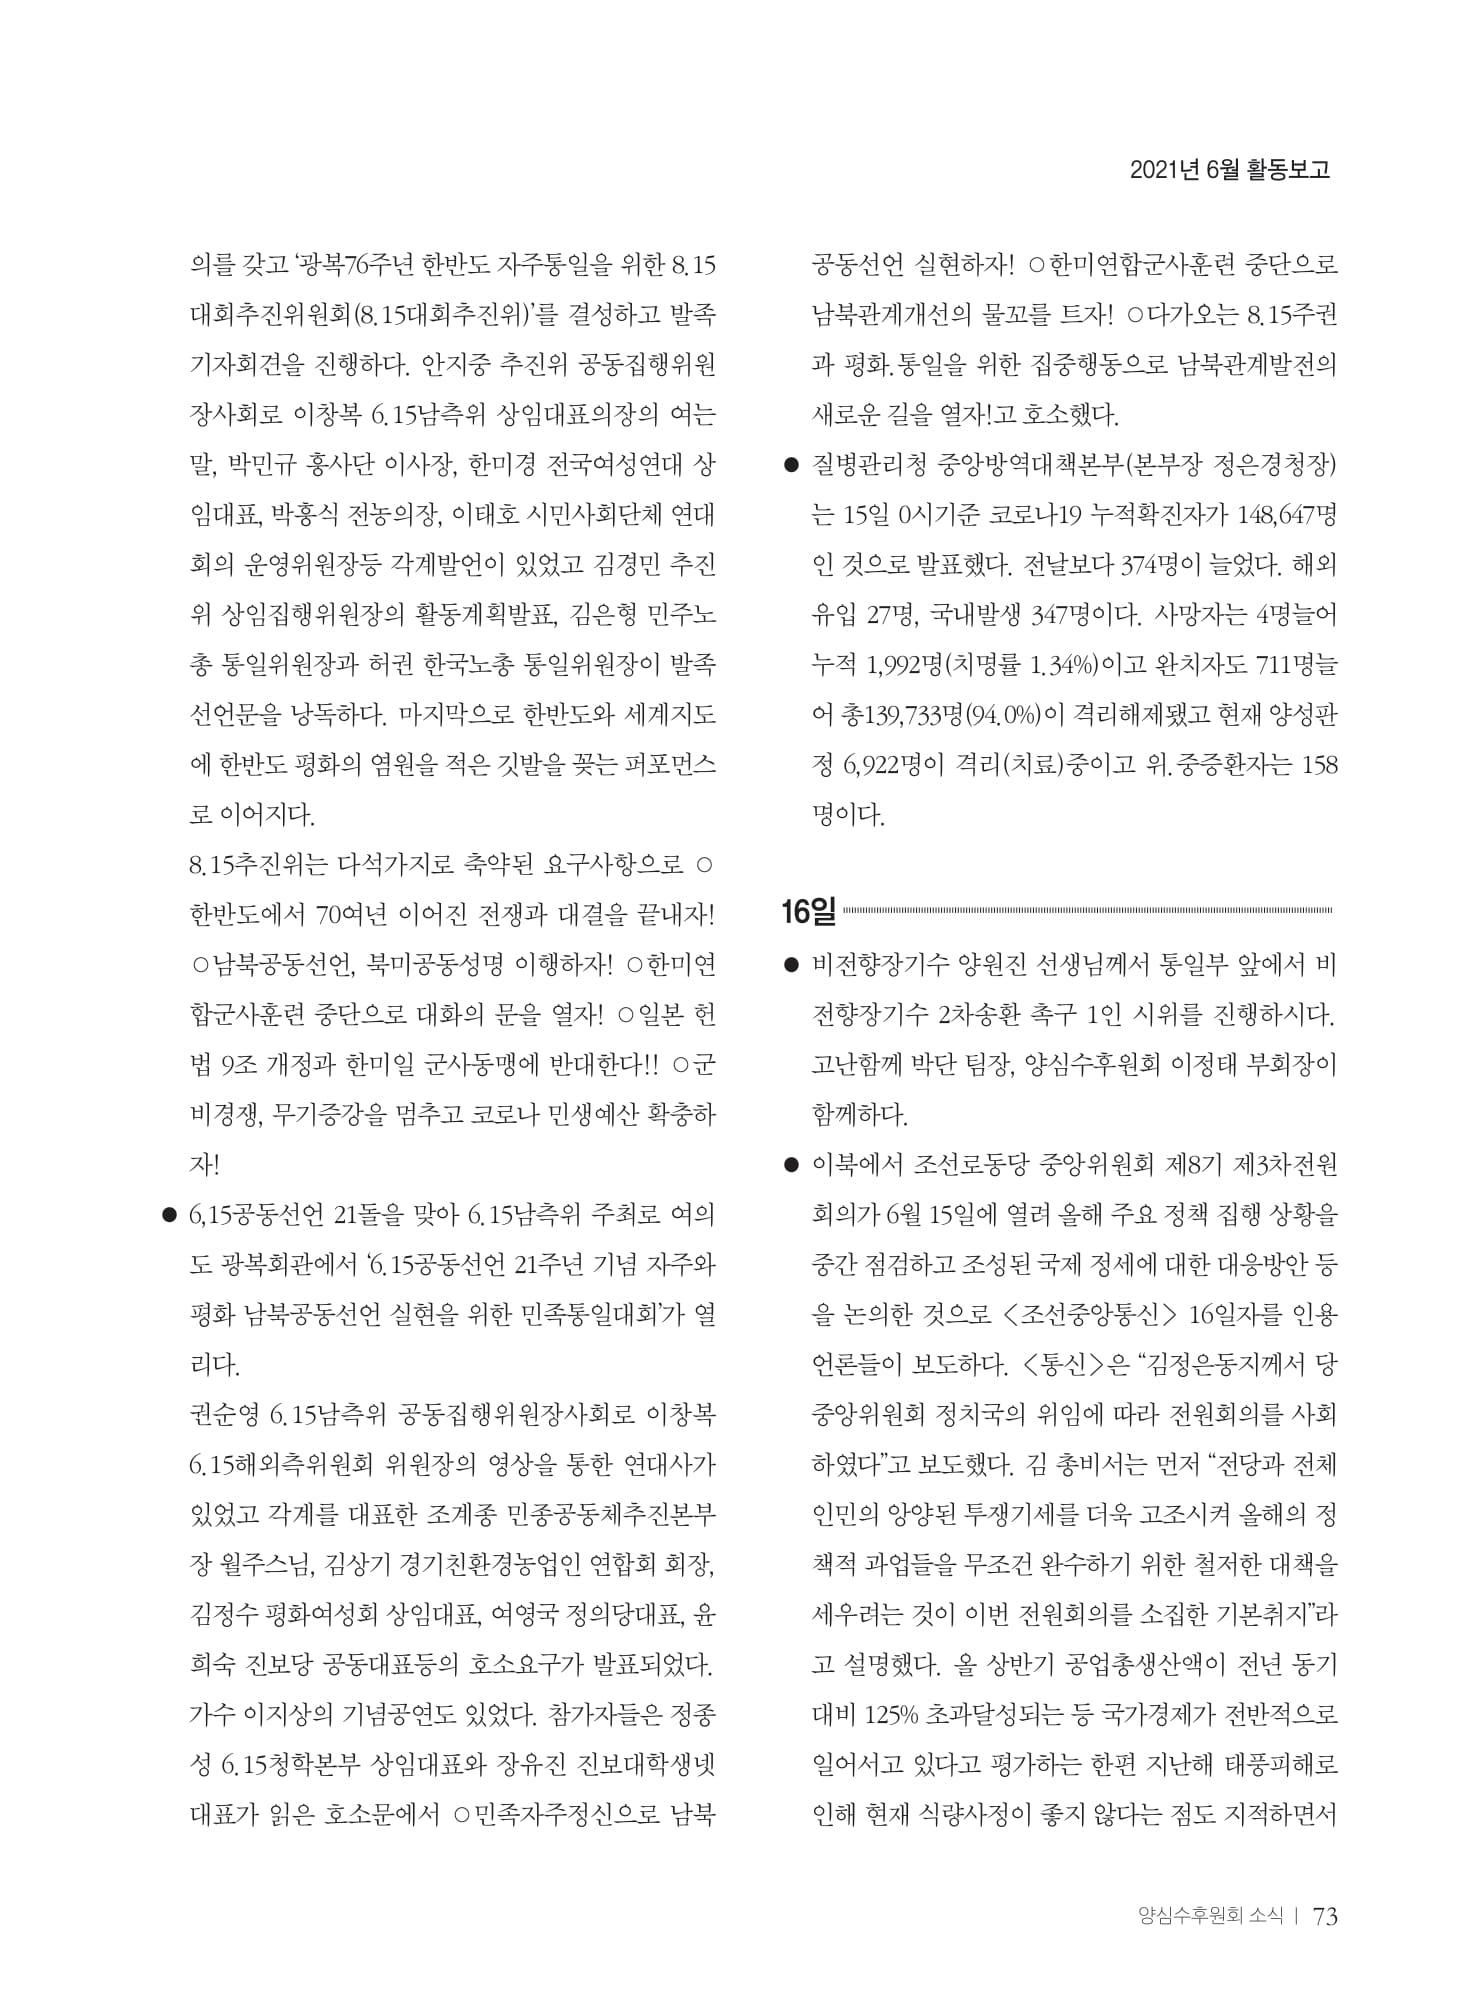 [양심수후원회] 소식지 354호 web 수정-75.jpg